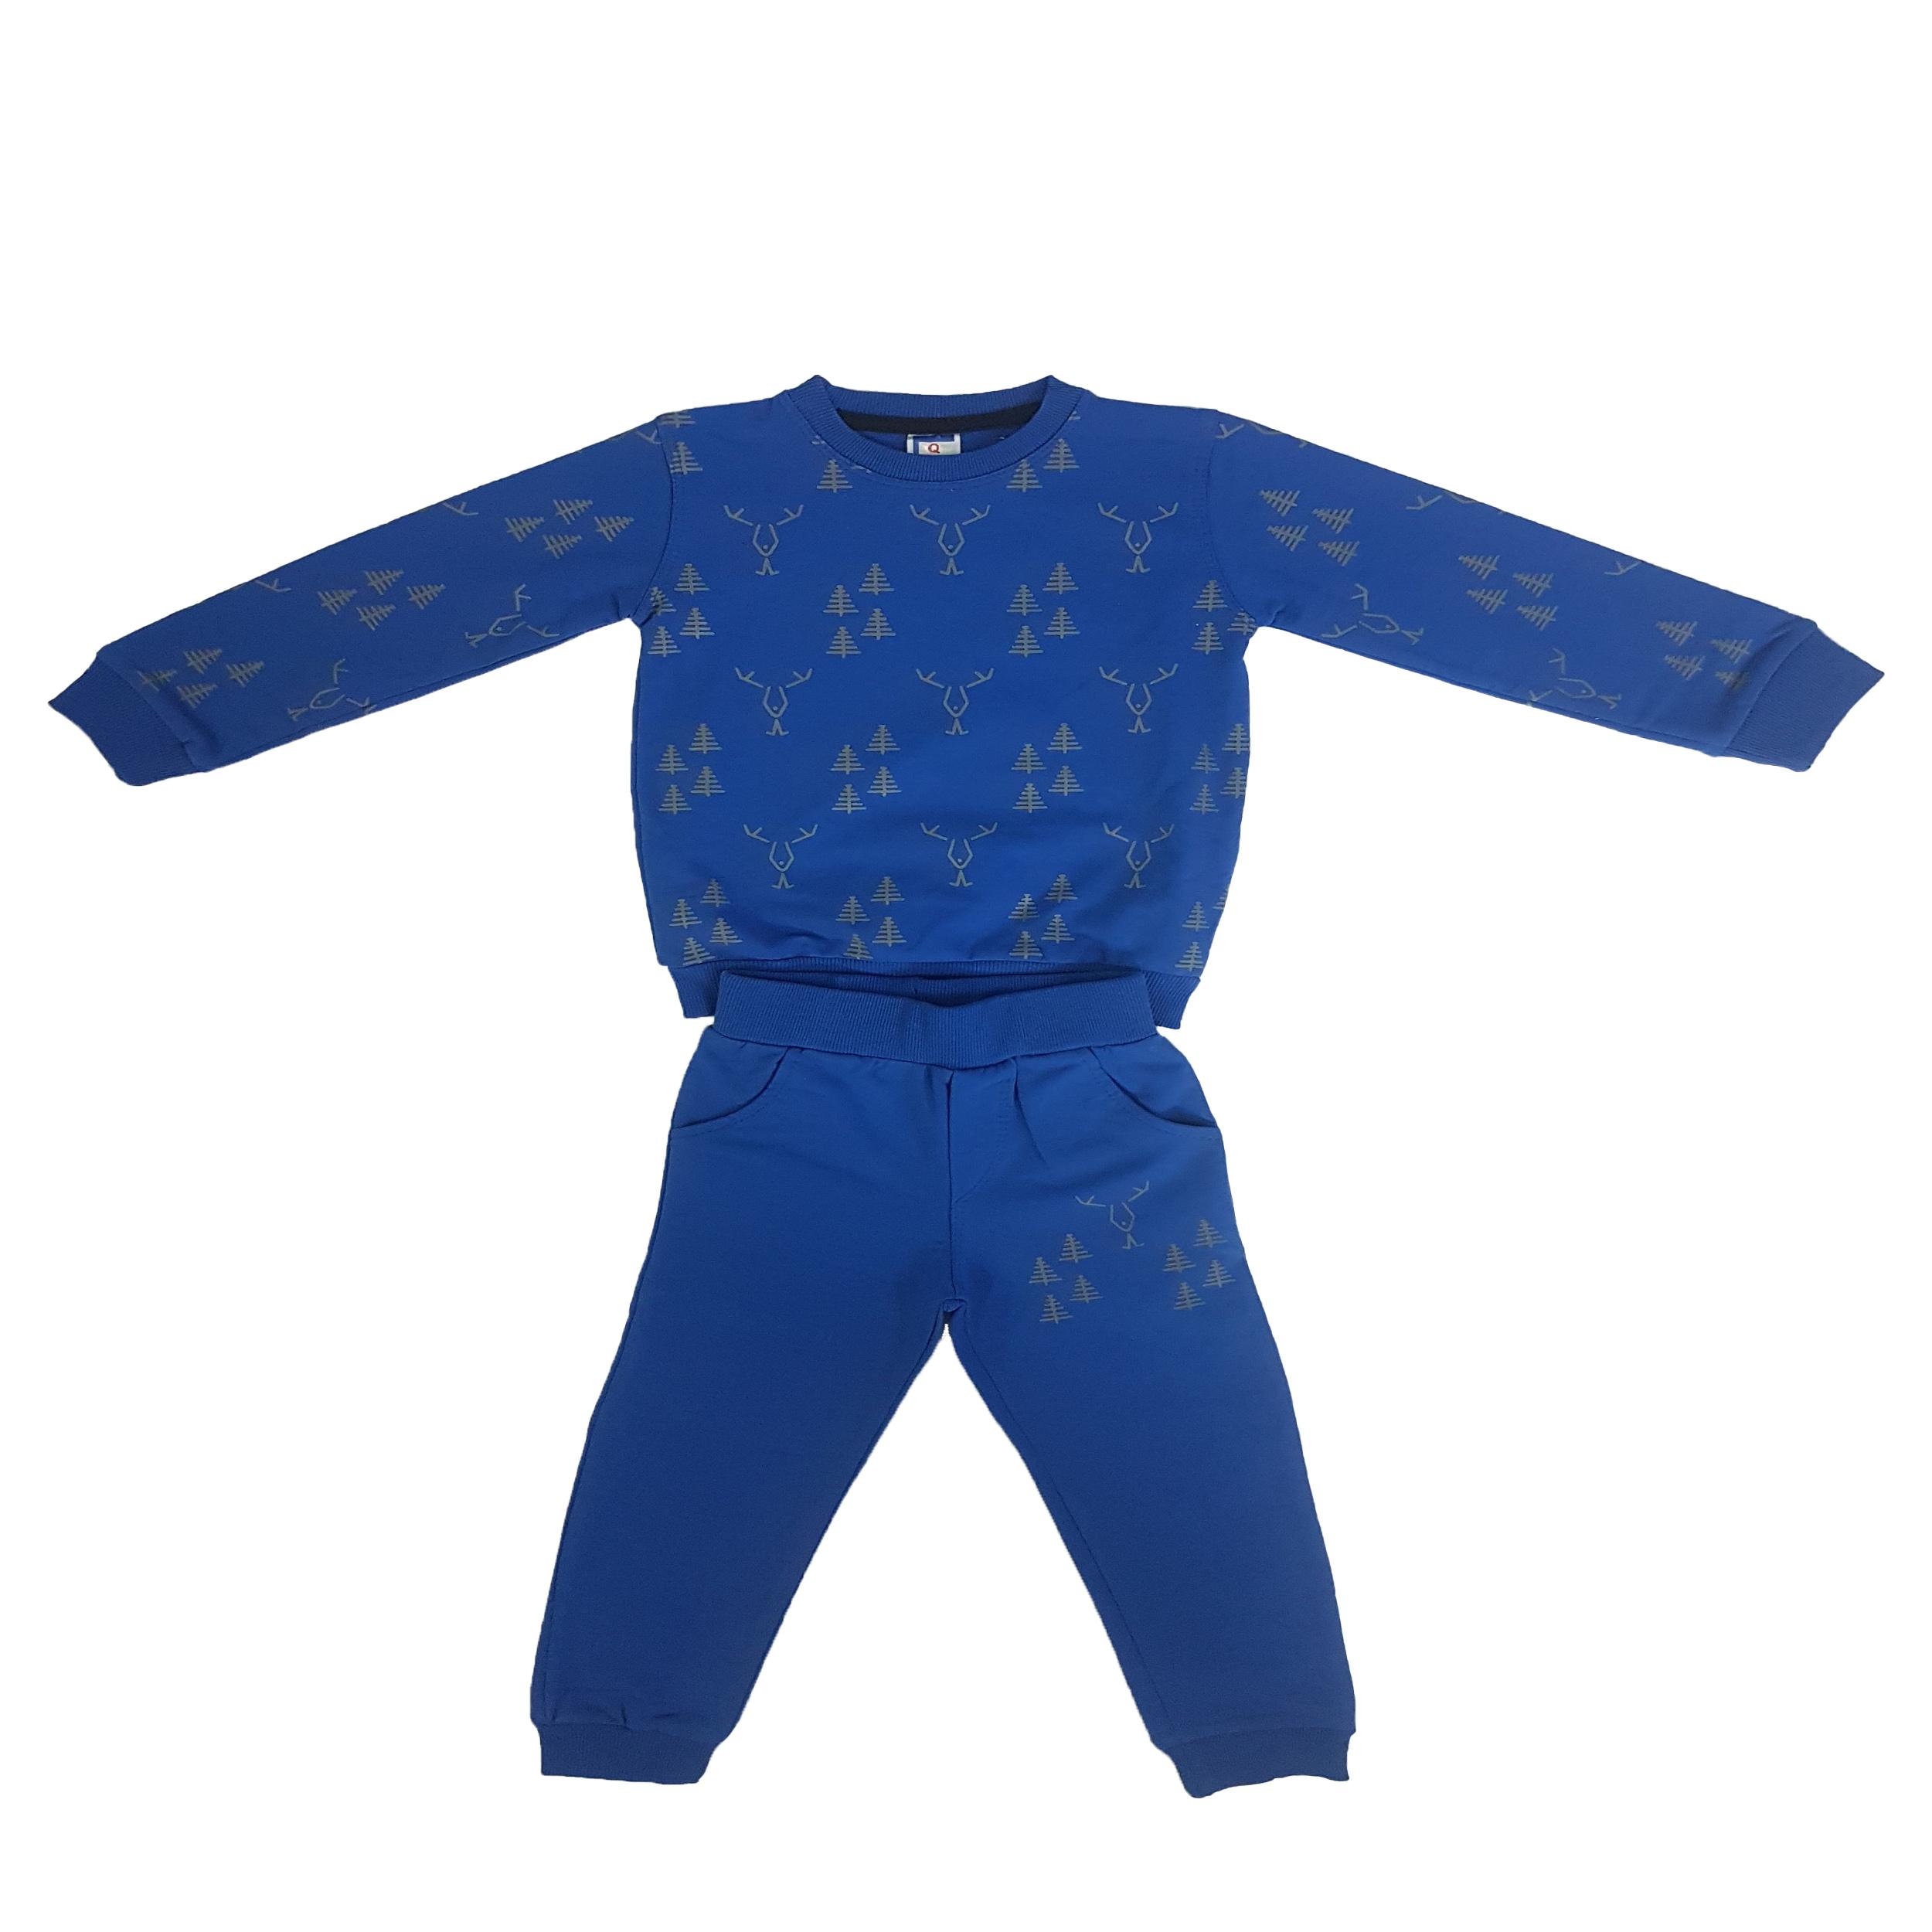 ست سویشرت و شلوار پسرانه طرح گوزن کد 832 رنگ آبی